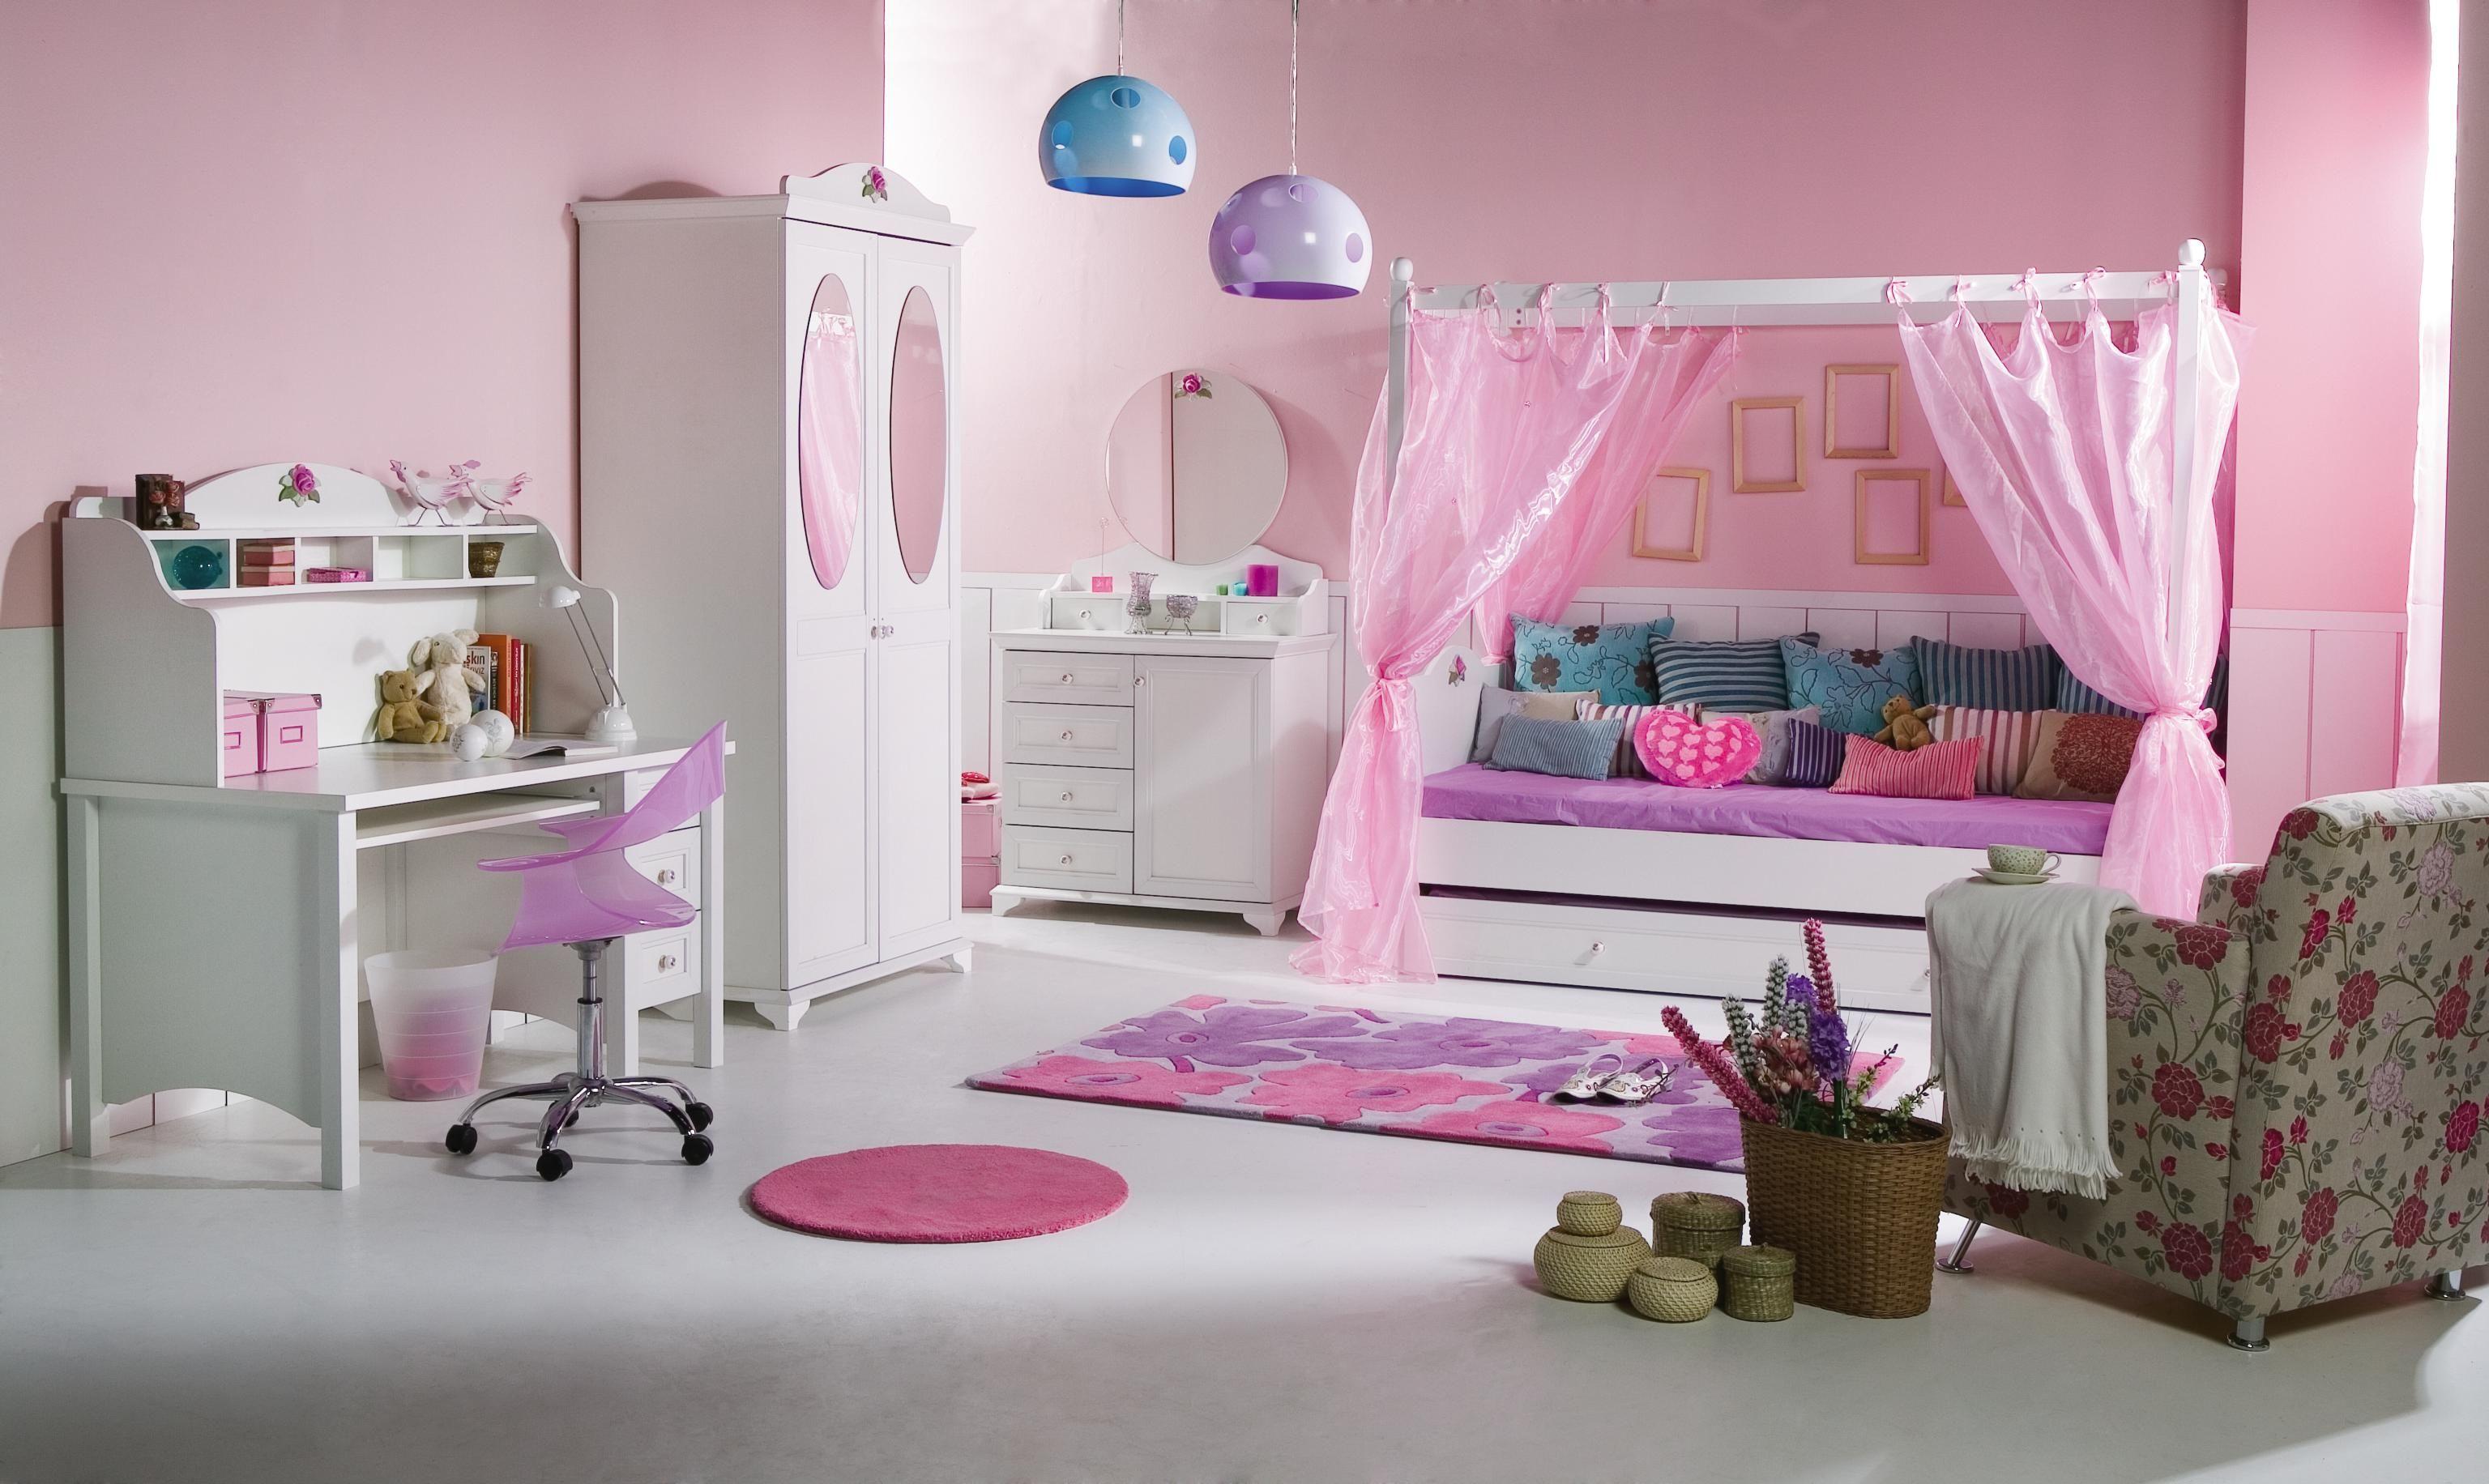 Jugendzimmer von XORA Jugendzimmer, Kinderzimmer dekor